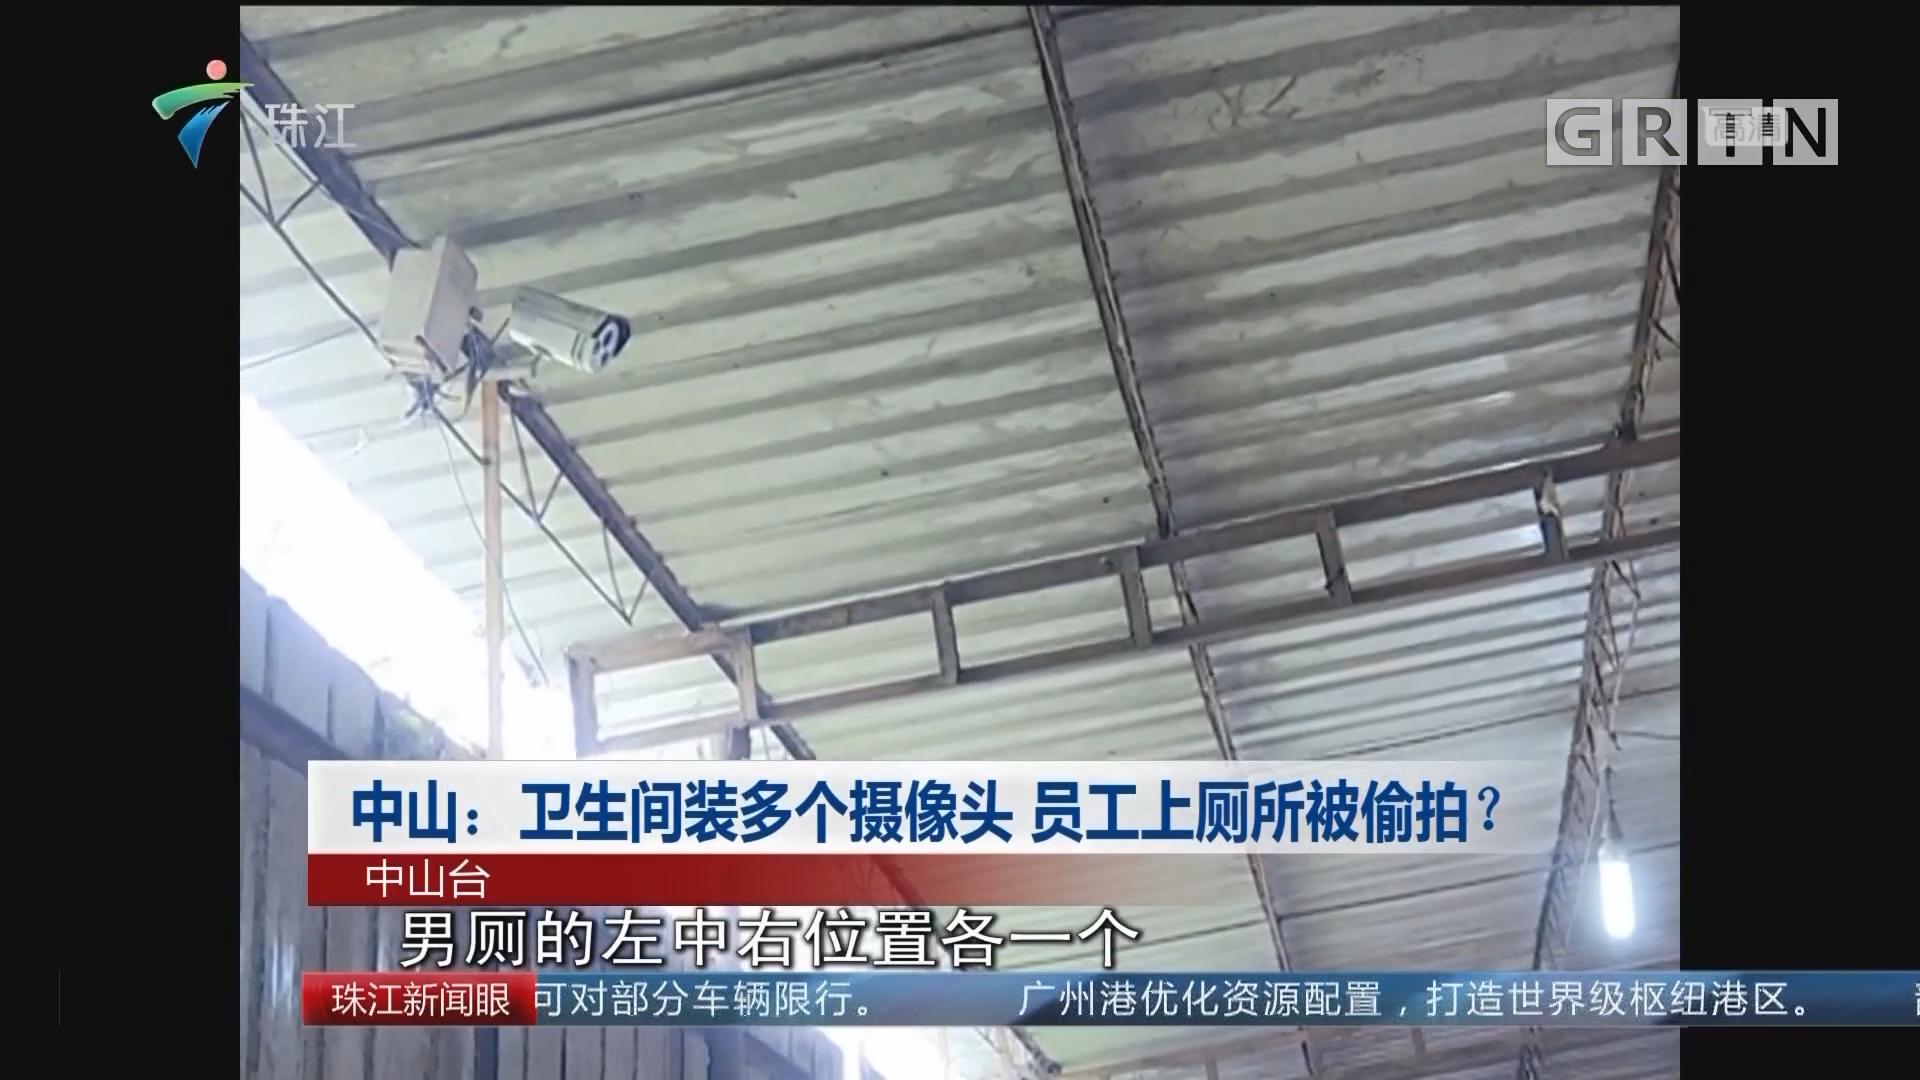 中山:卫生间装多个摄像头 员工上厕所被偷拍?